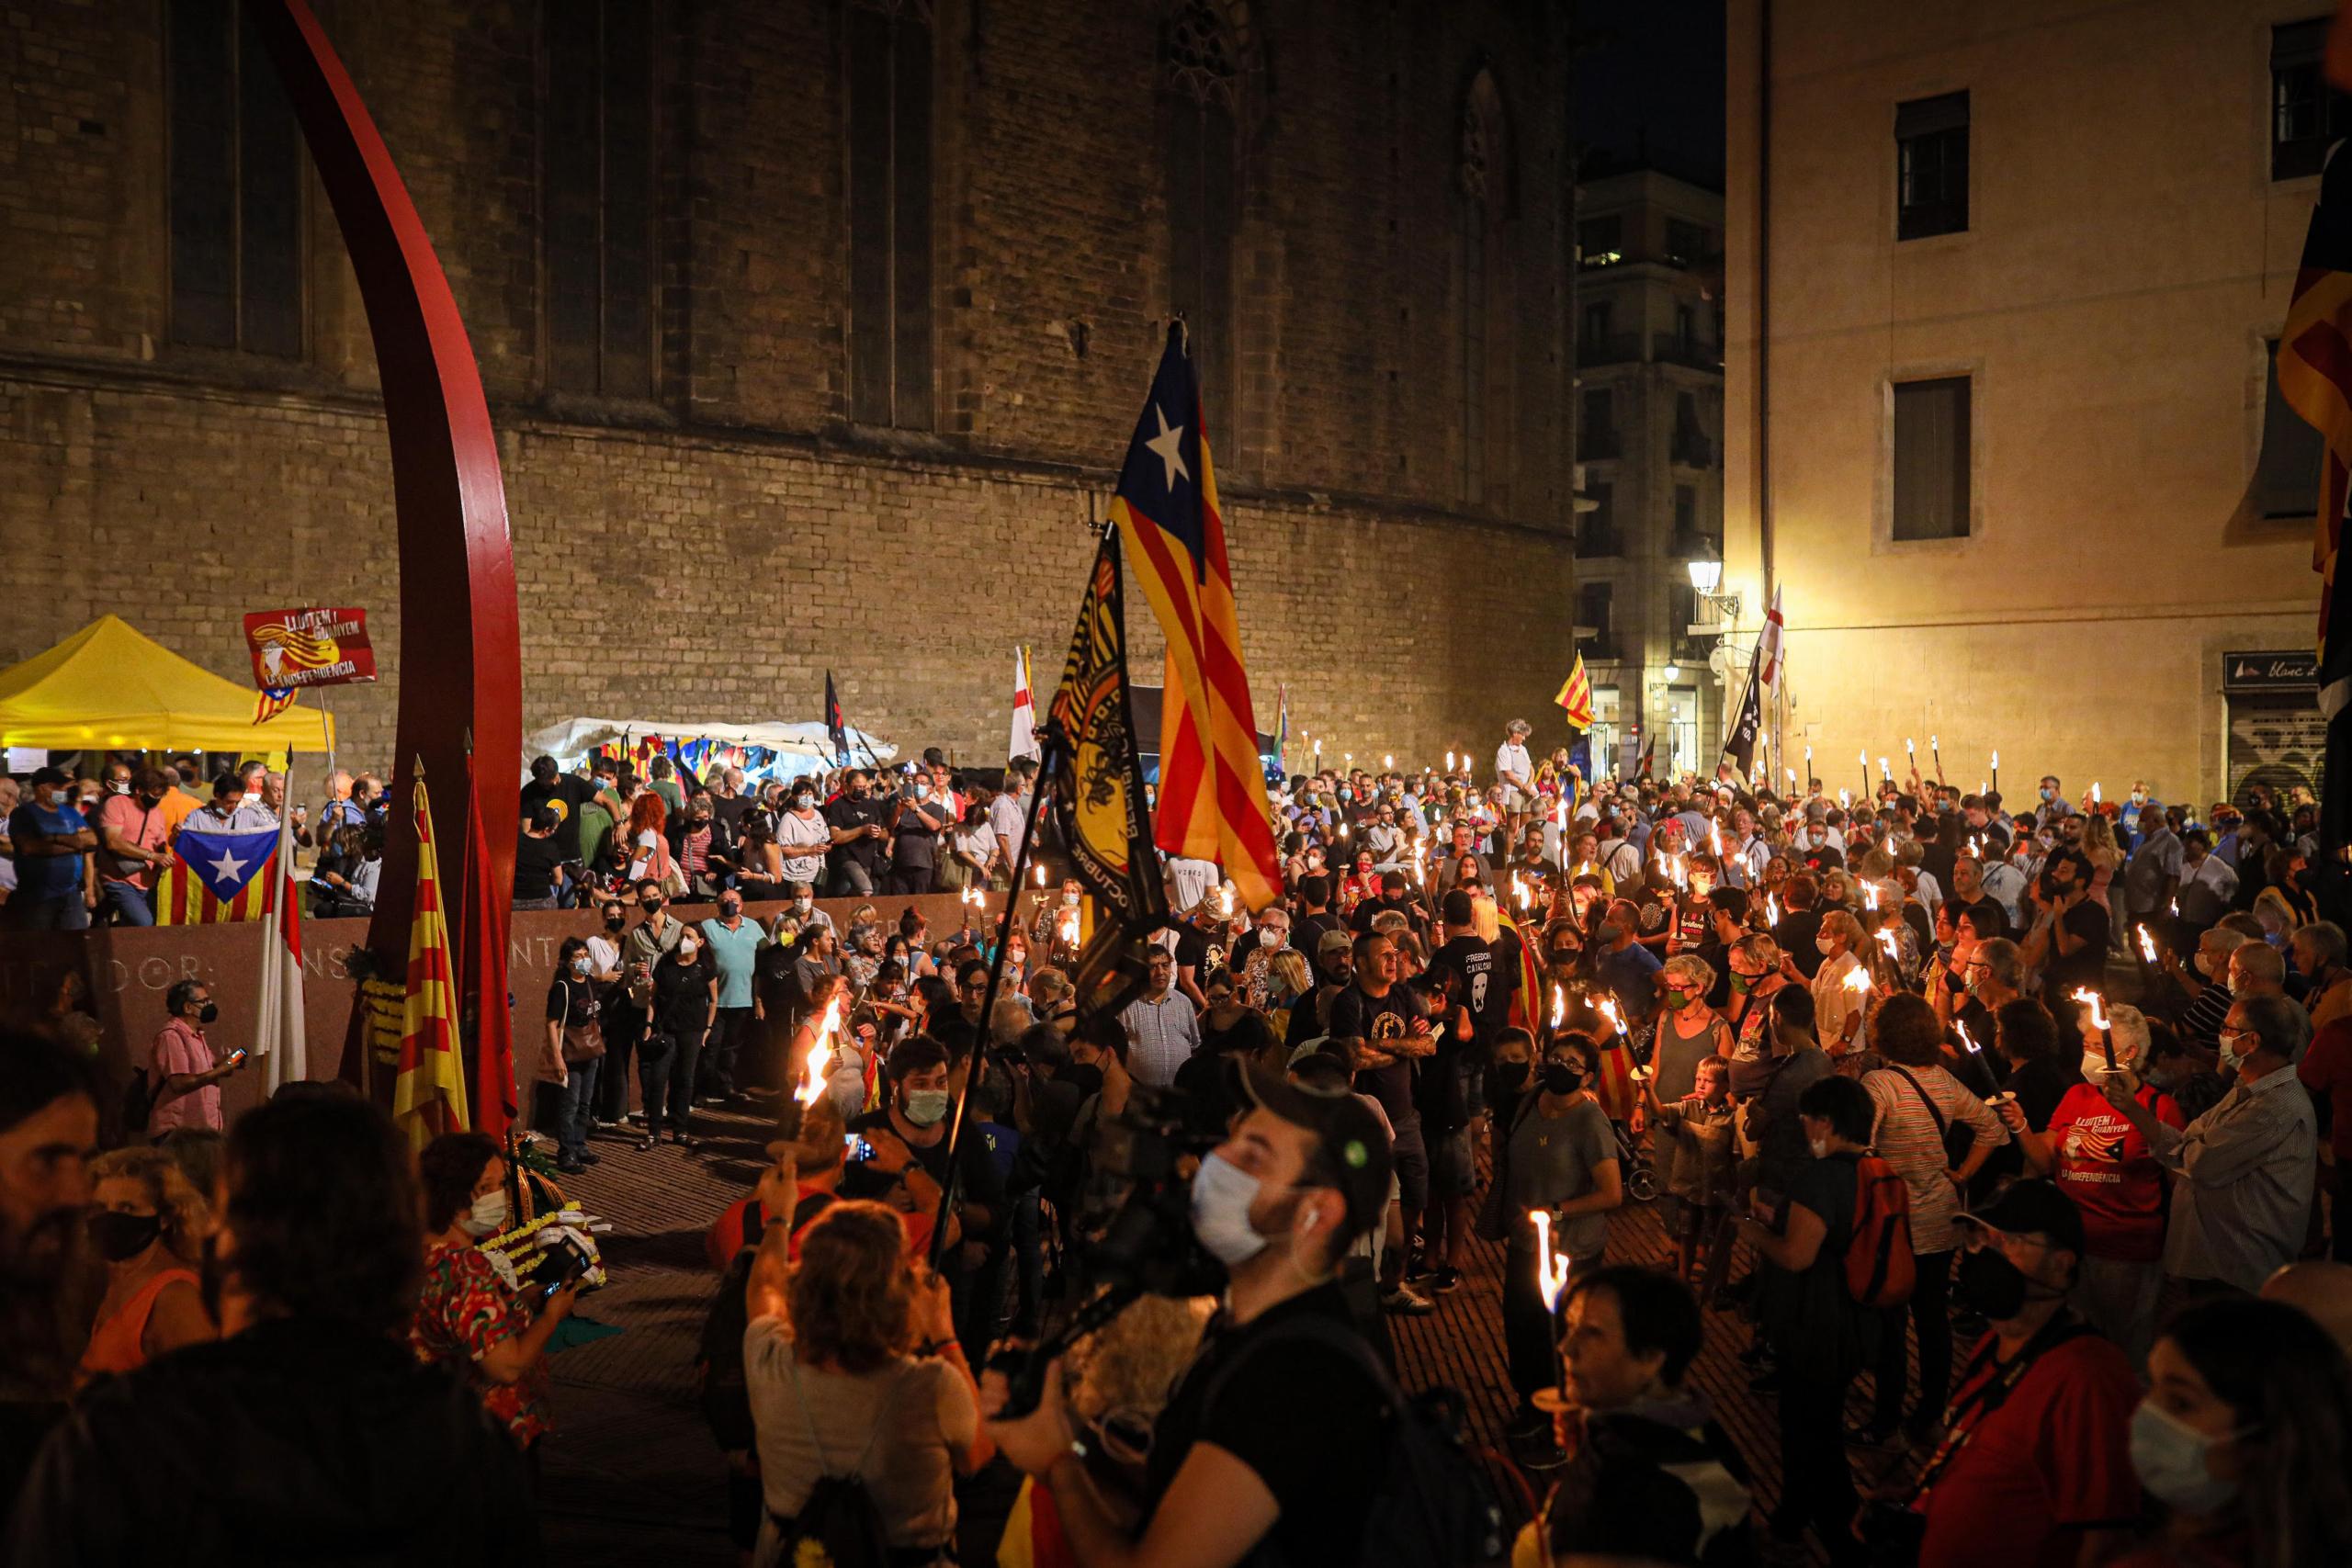 El Fossar de les Moreres durant la vetlla d'aquesta nit /Jordi Borràs